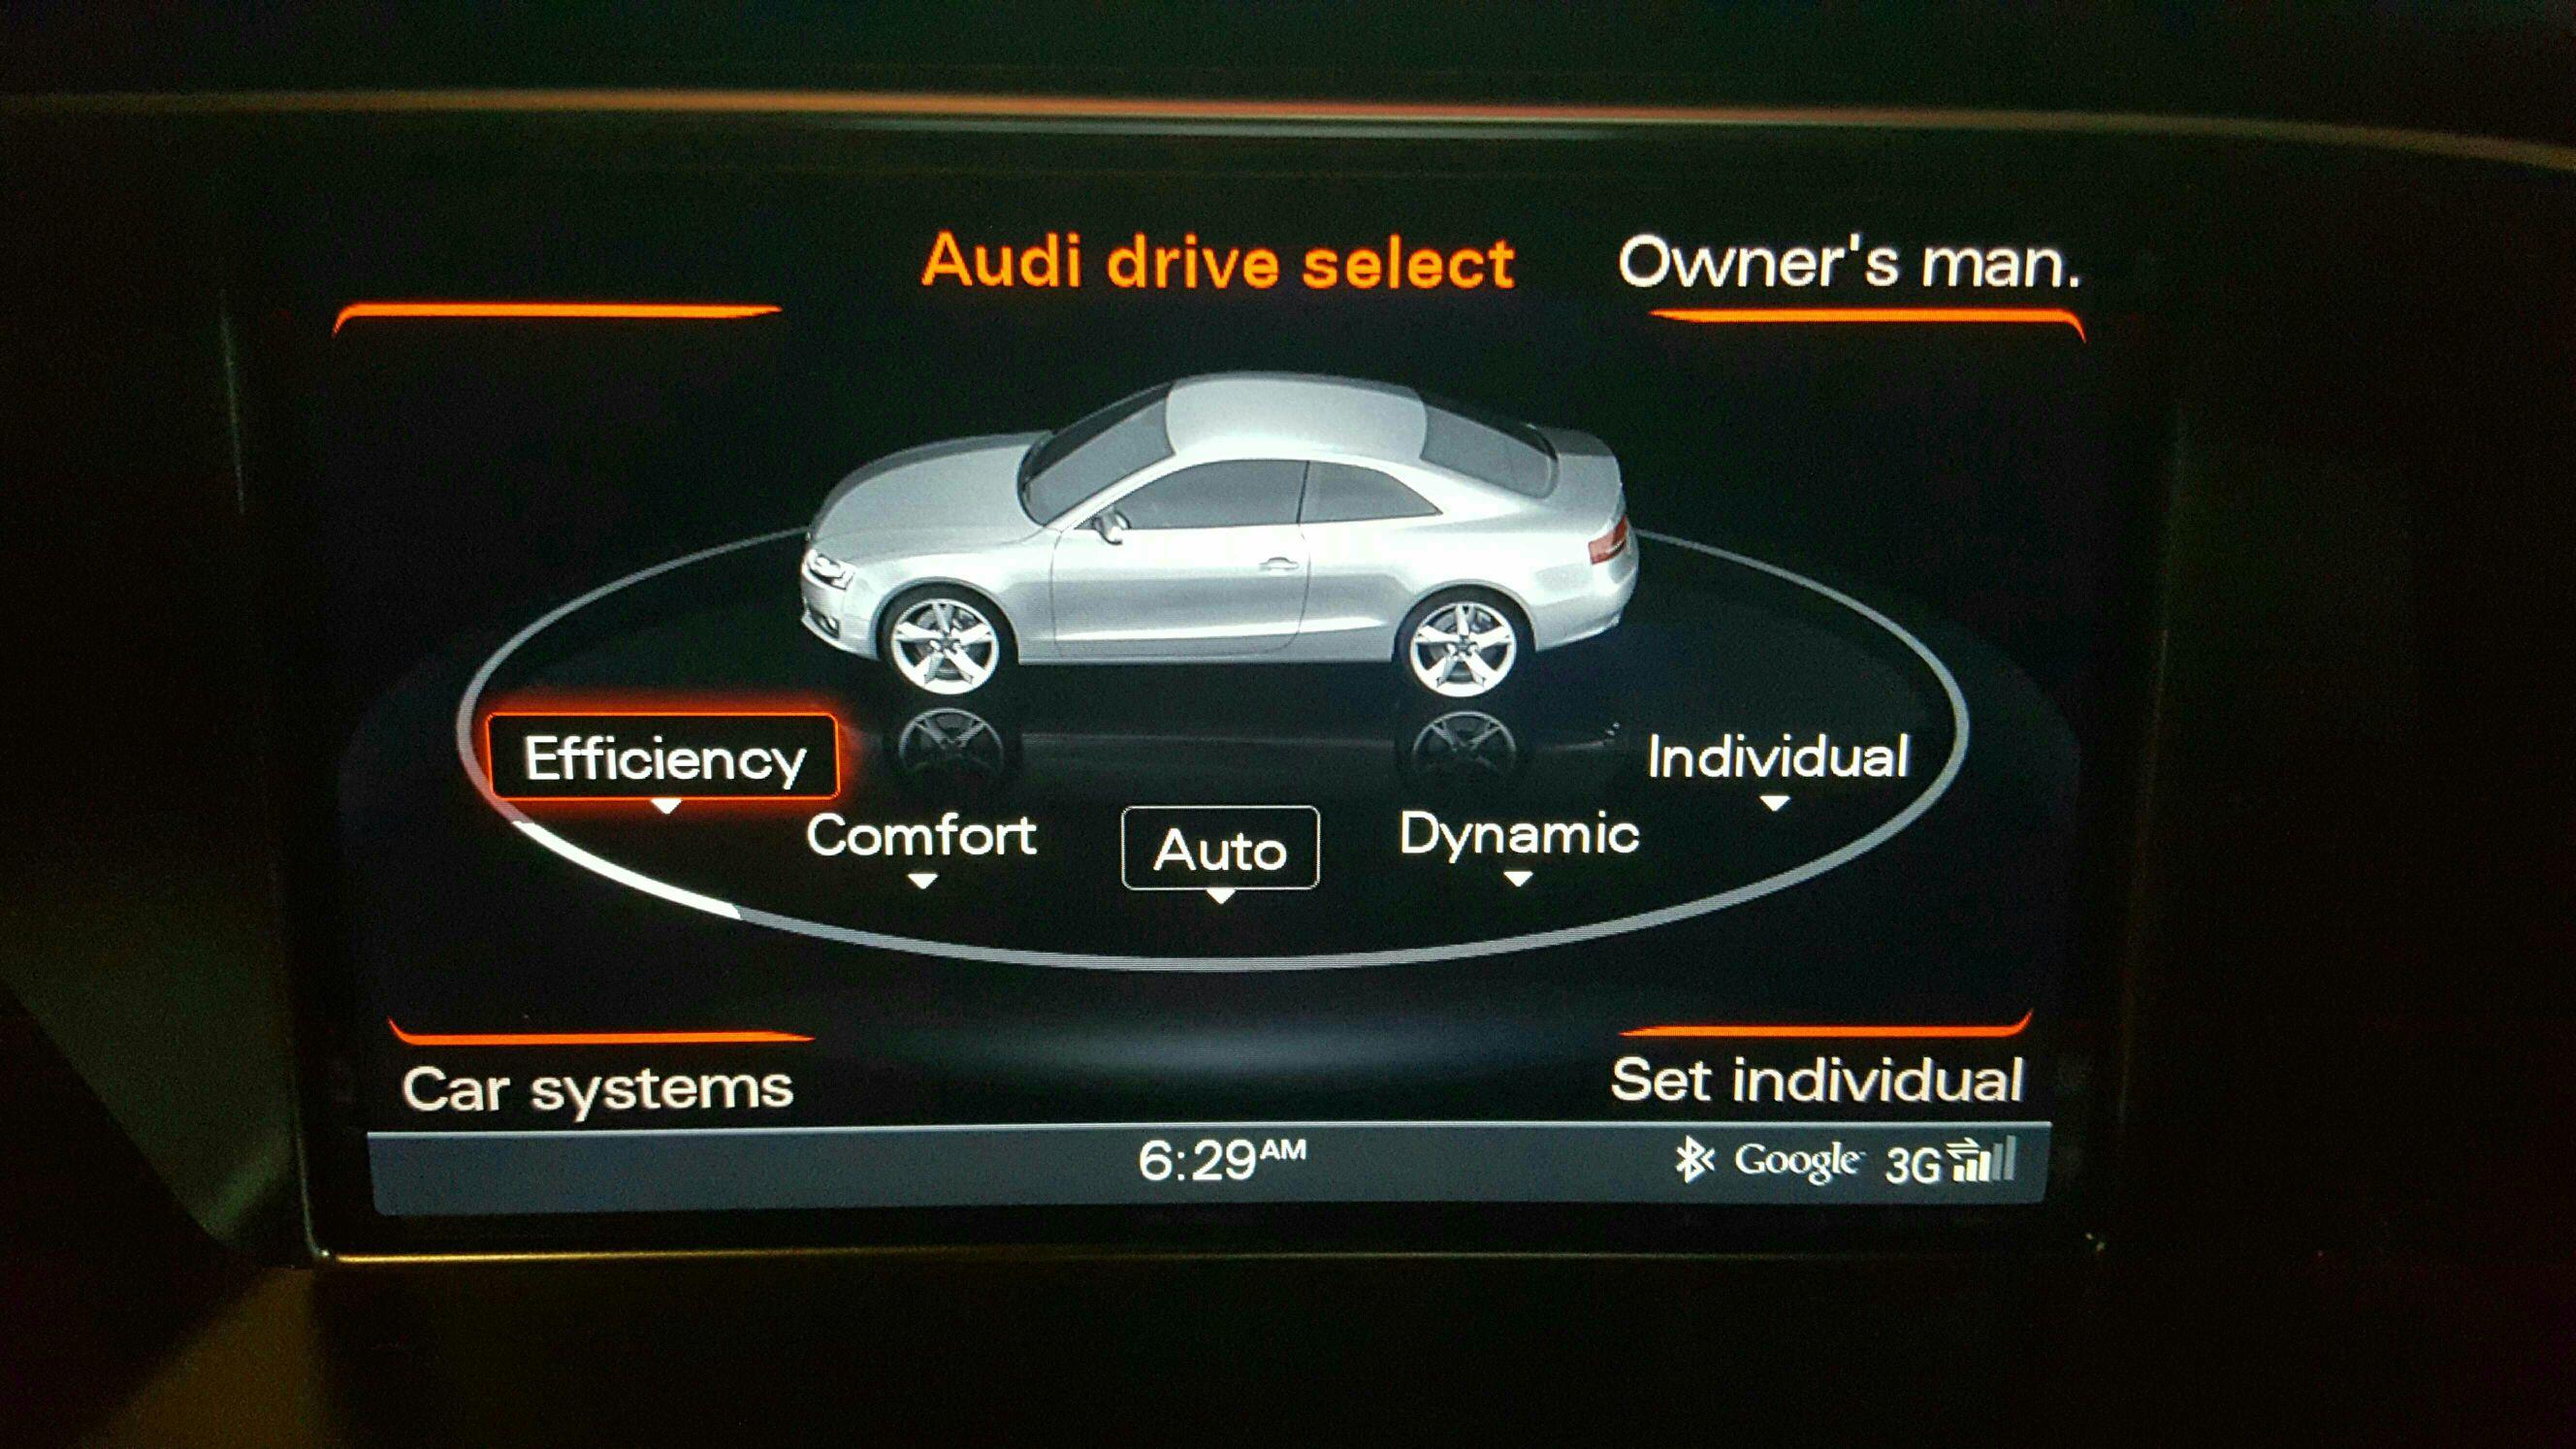 Economy drive select mode